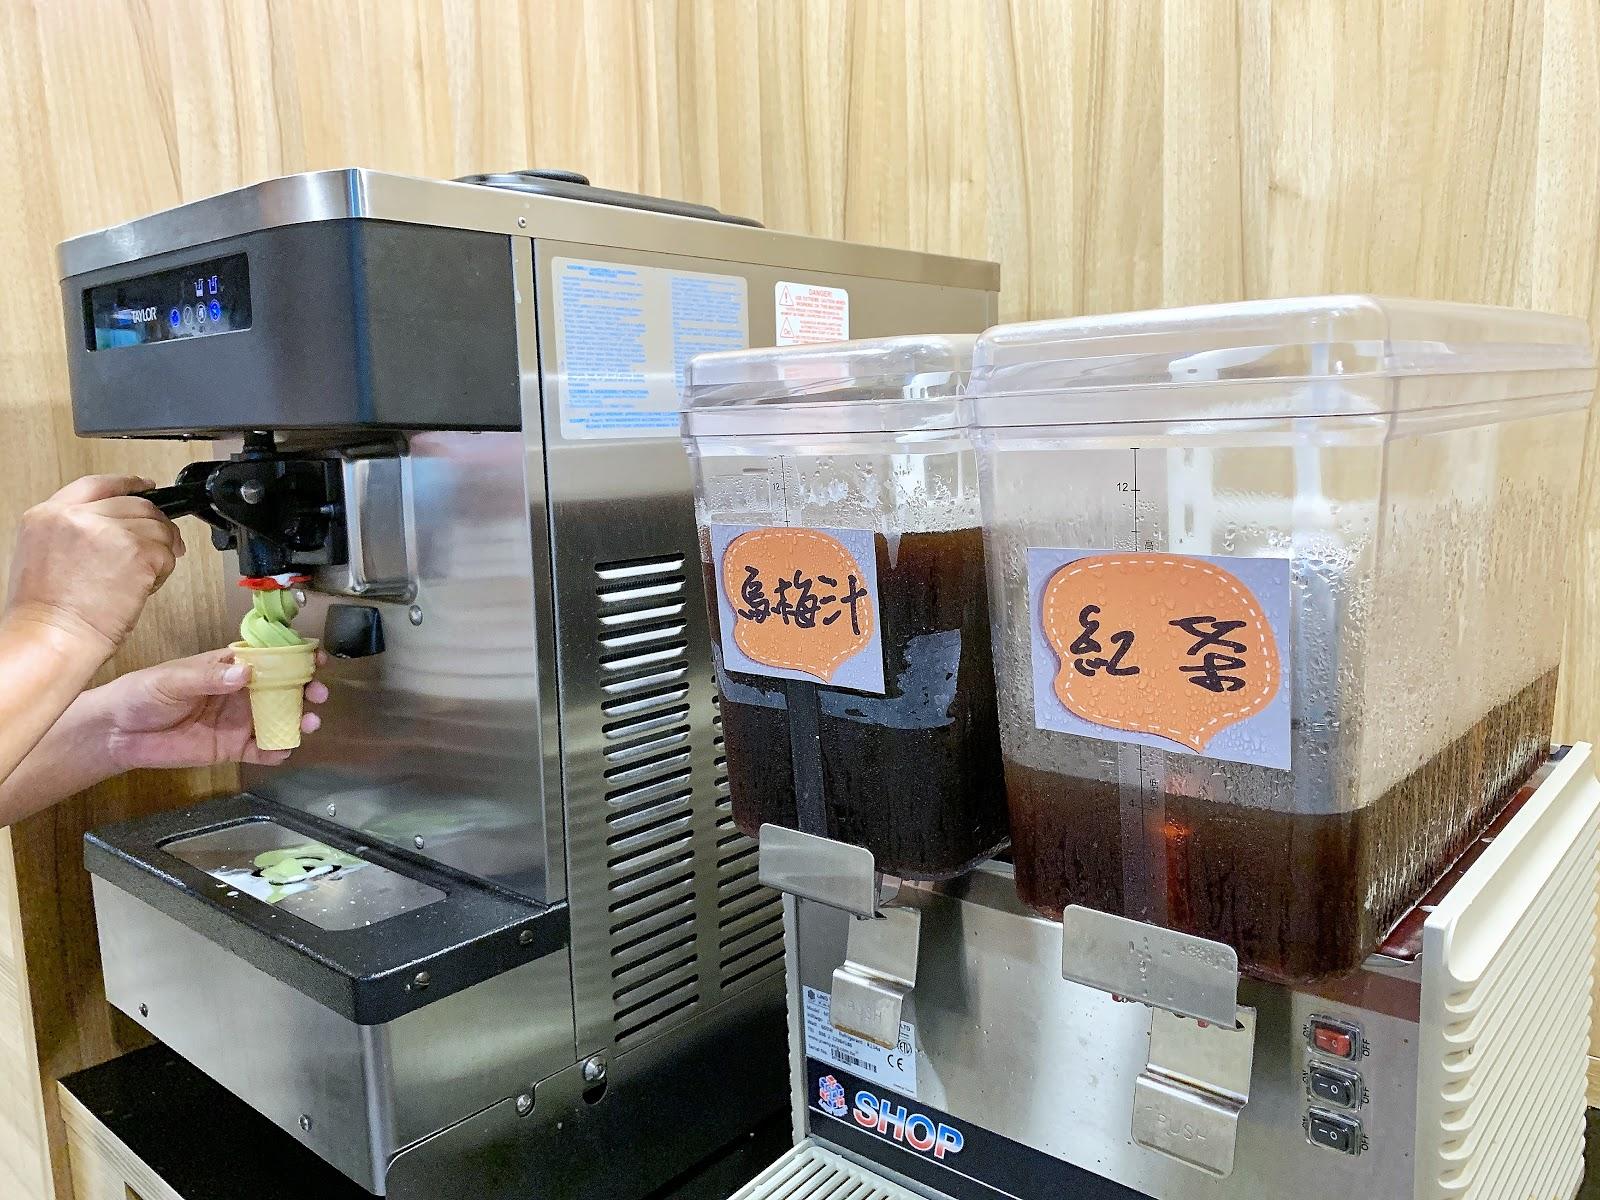 台南美食小石鍋的霜淇淋機器